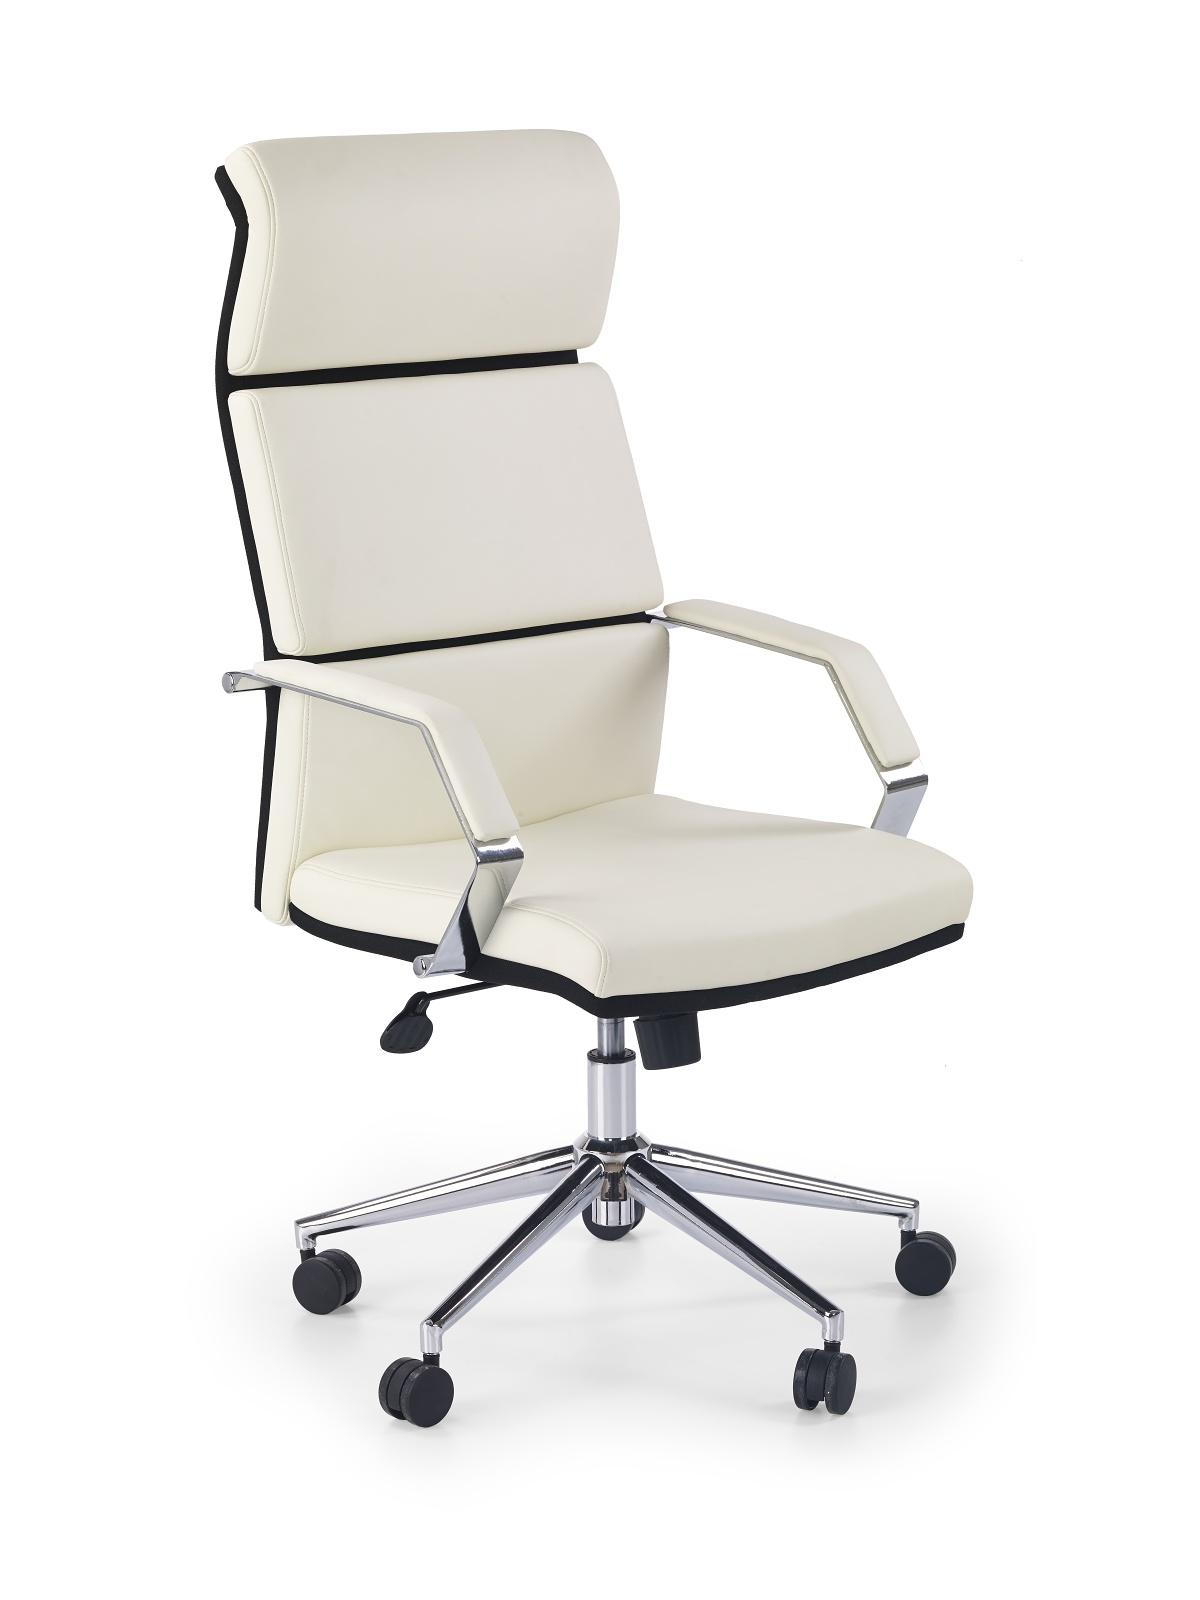 Kancelárske kreslo - Halmar - Costa. Sme autorizovaný predajca Halmar. Vlastná spoľahlivá doprava až k Vám domov.